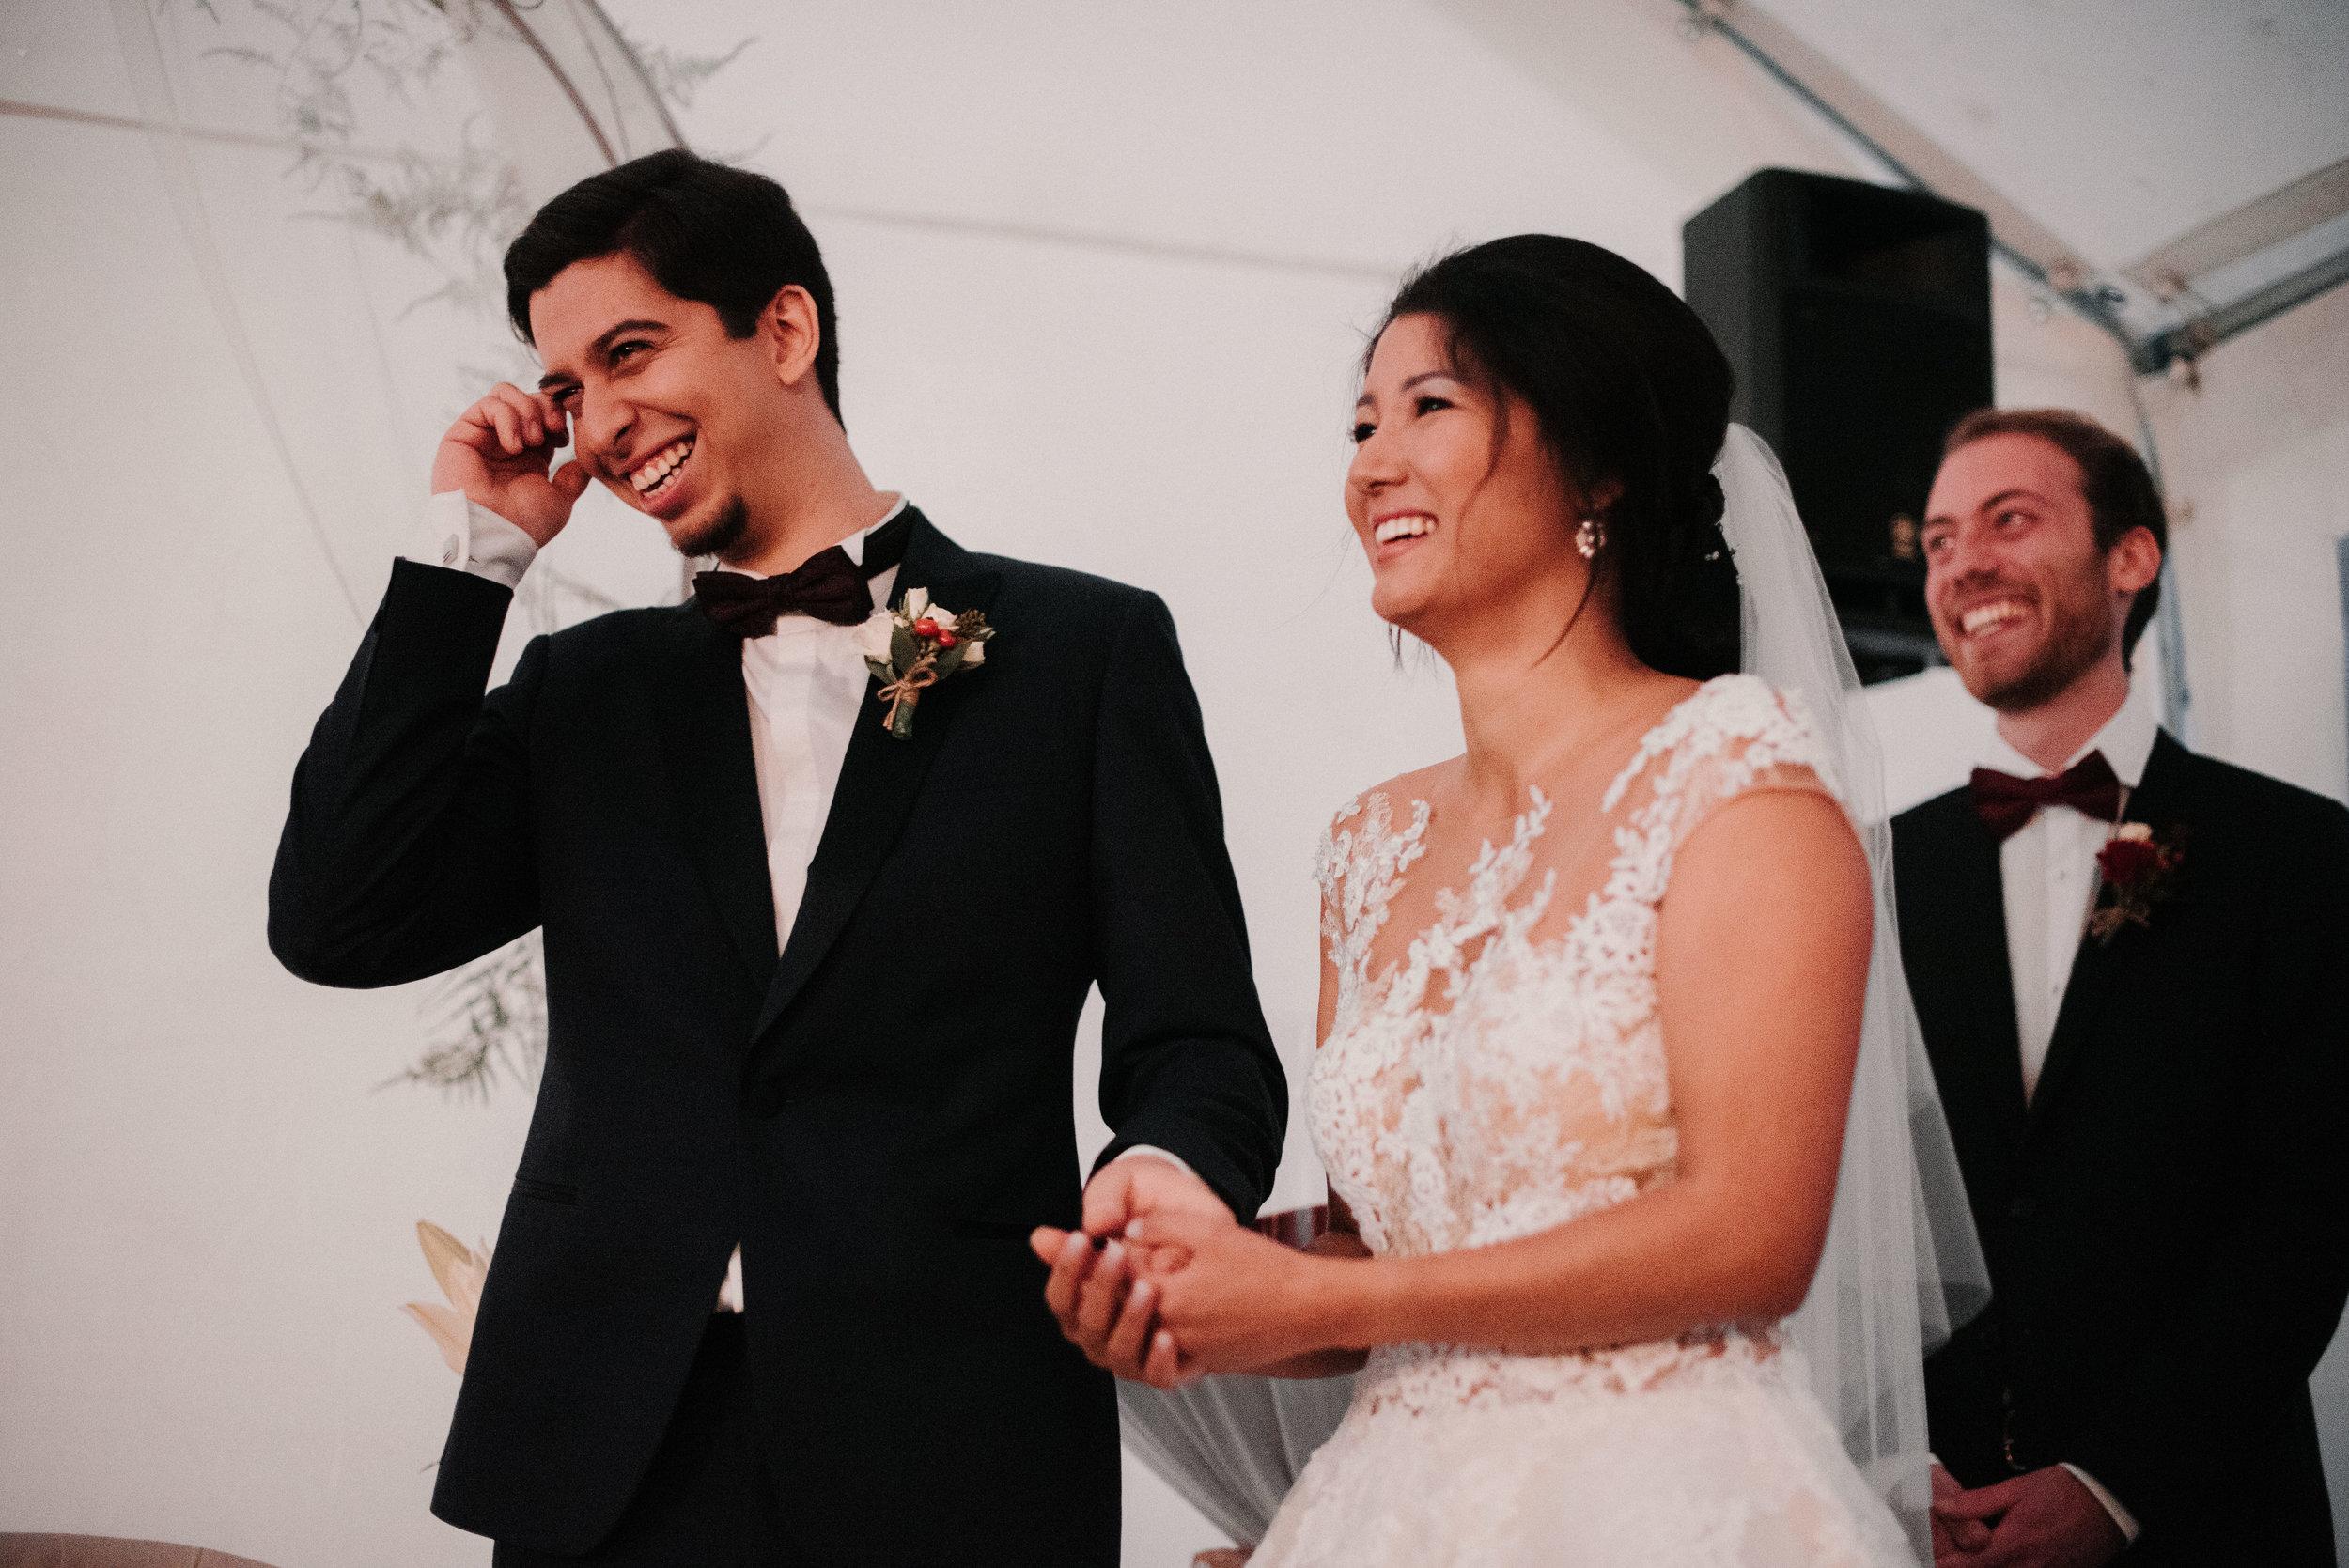 Léa-Fery-photographe-professionnel-lyon-rhone-alpes-portrait-creation-mariage-evenement-evenementiel-famille-7523.jpg